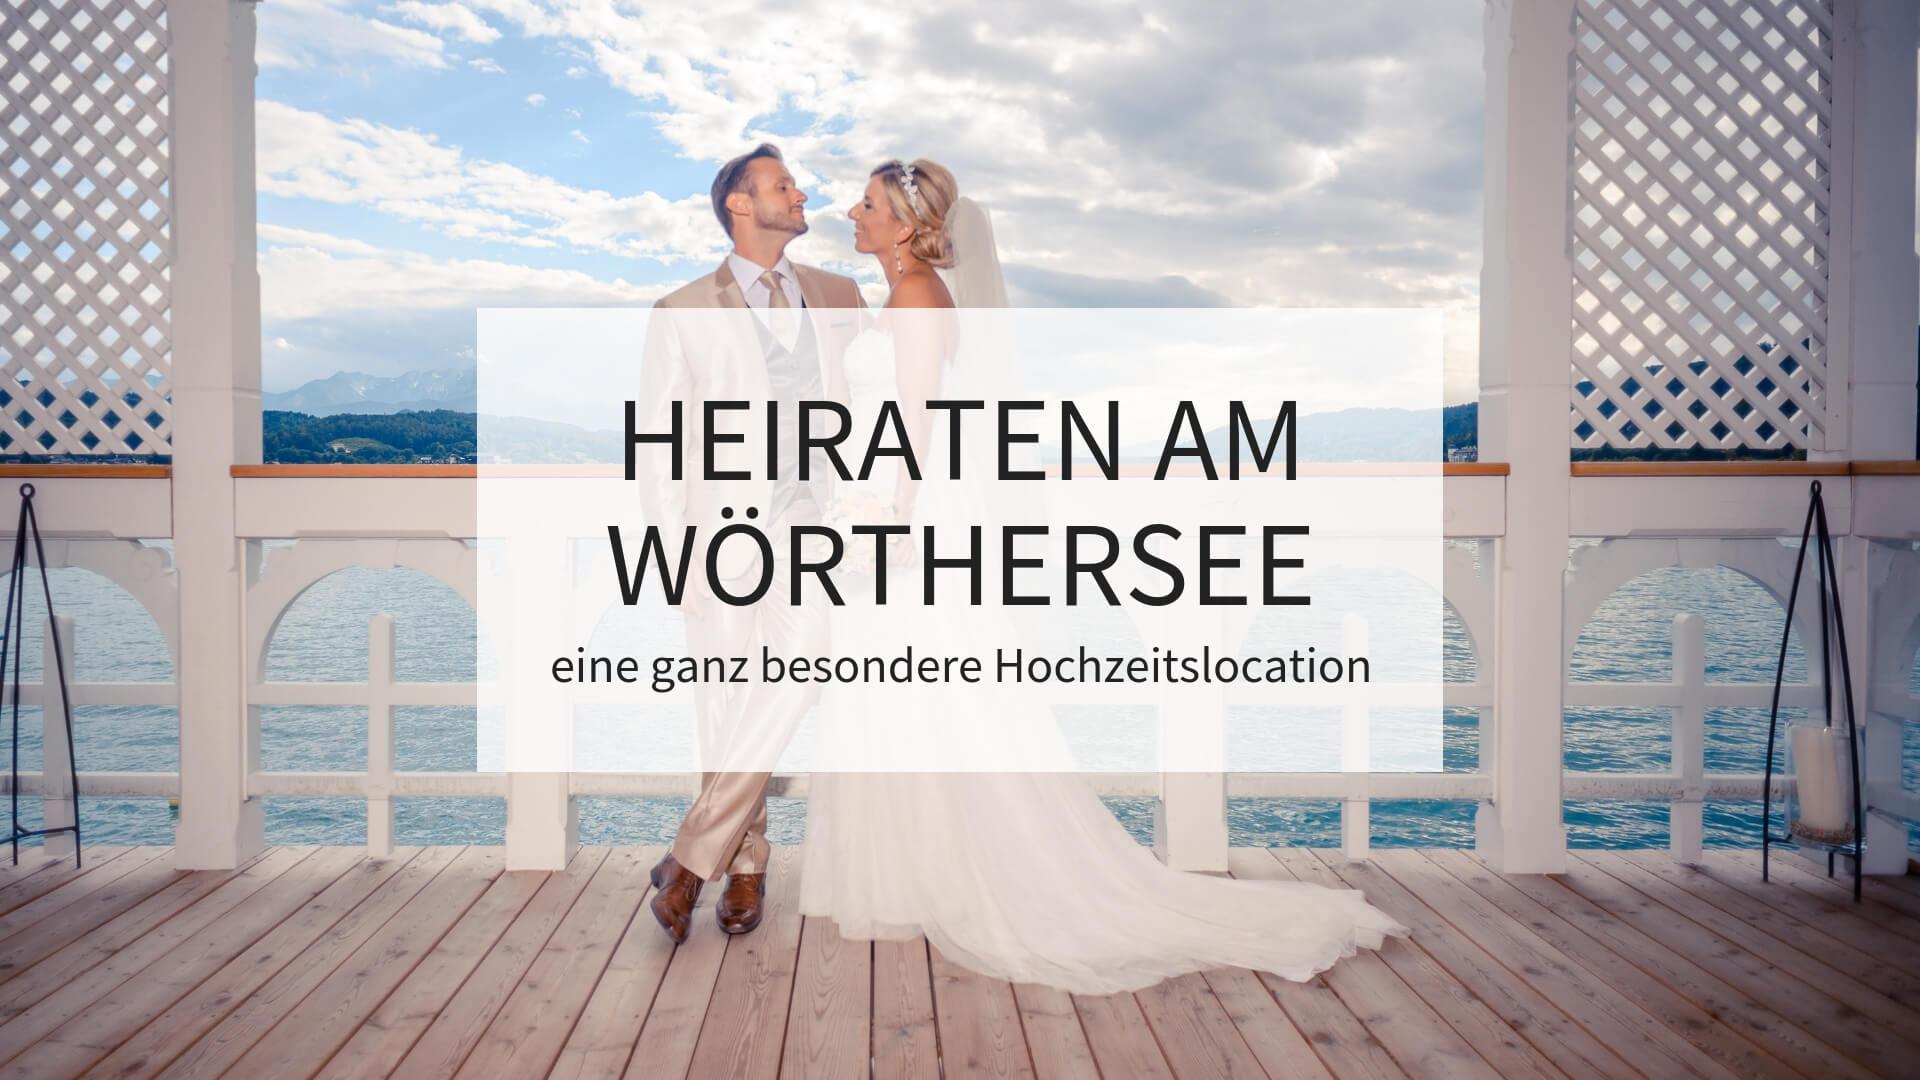 Hochzeit Wörthersee, Heiraten am Wörthersee, Hochzeit am See, Hochzeitslocation Wörthersee, Hochzeit Wörthersee, originelle Hochzeitslocation am See